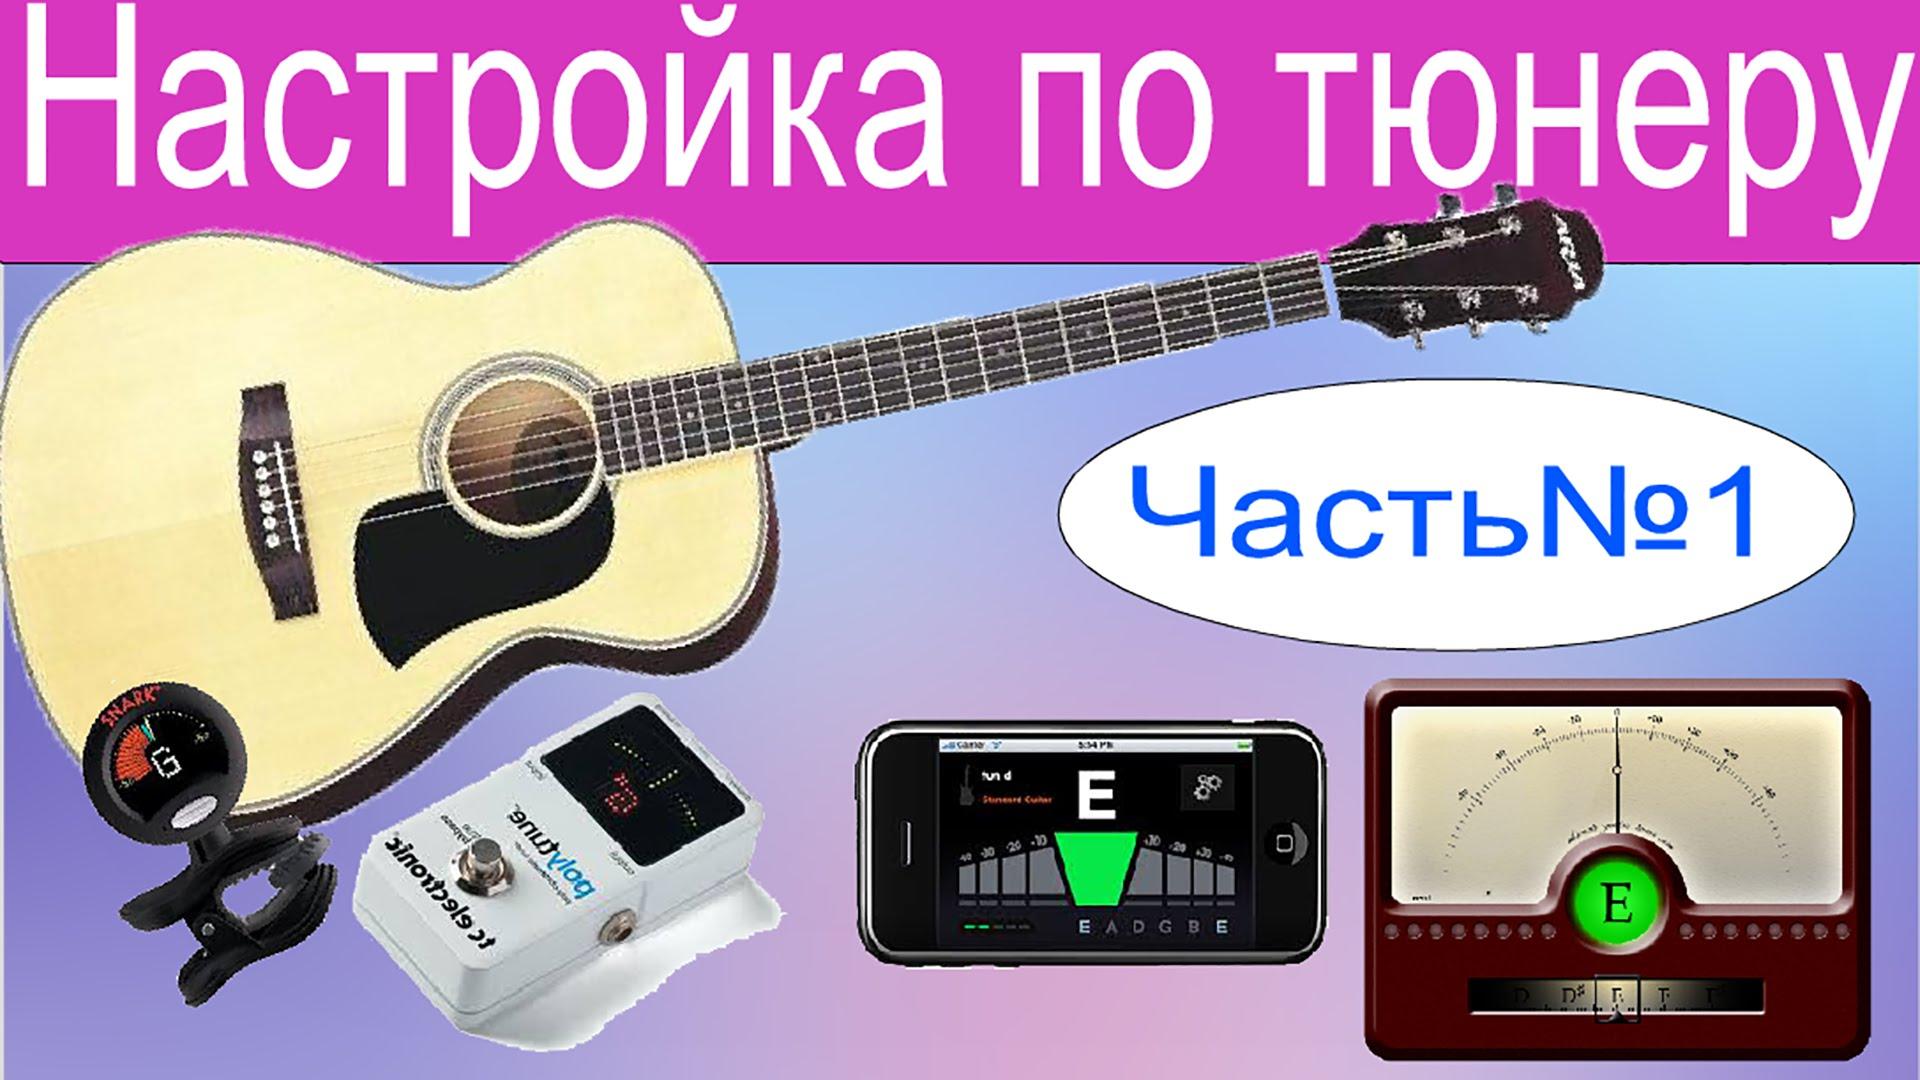 Настройка гитары для начинающих. Часть1. Тюнер в помощь